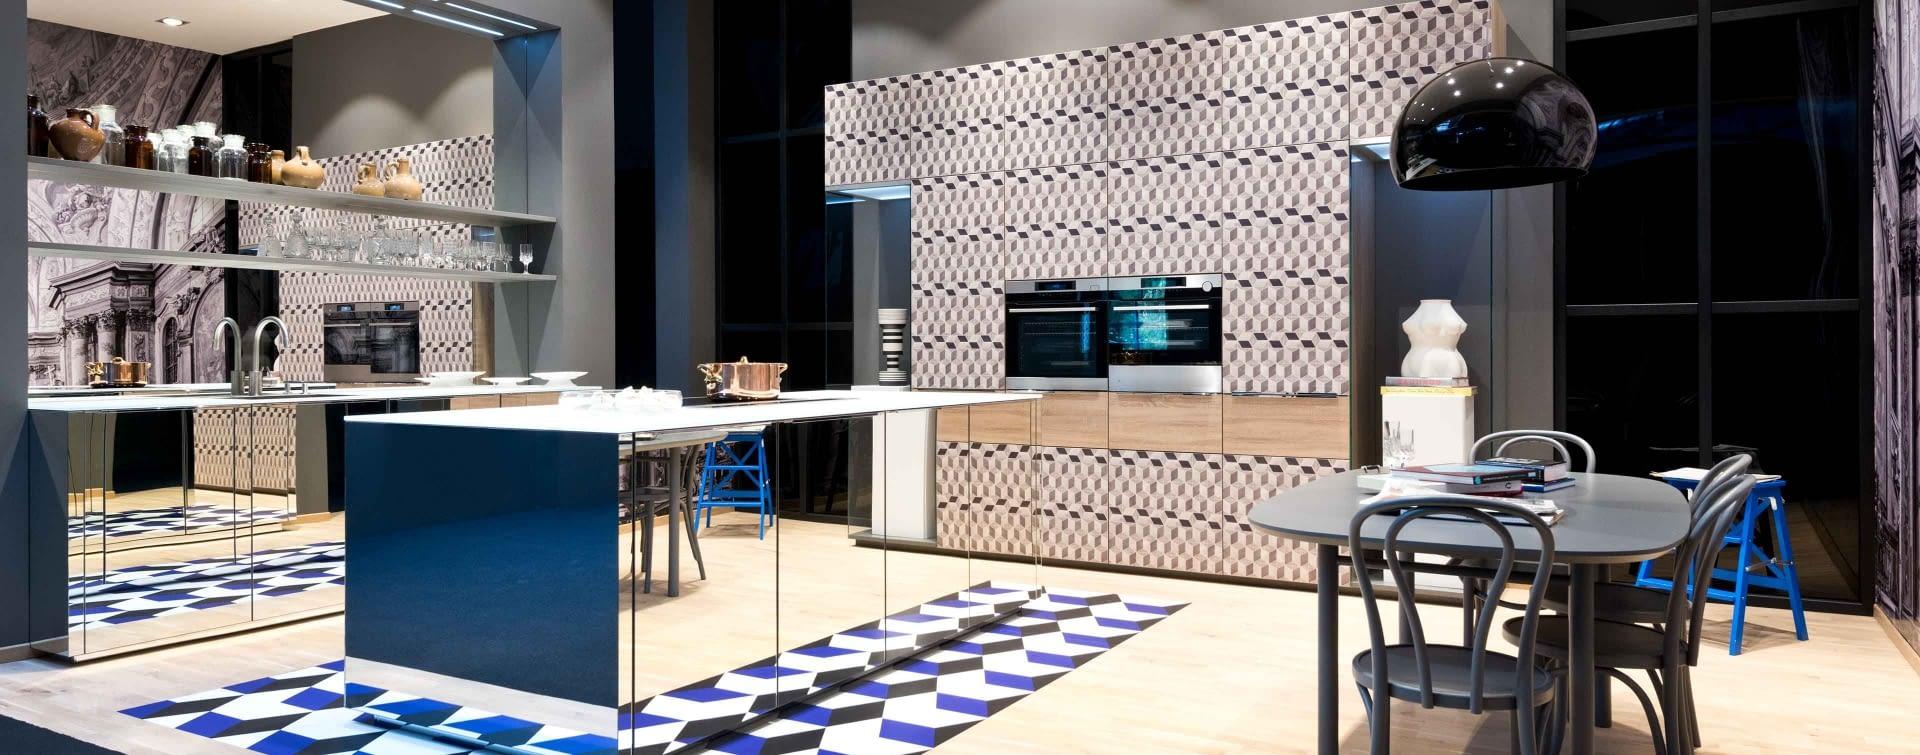 Die Küchentrends des Jahres 2017 - Marquardt Küchen